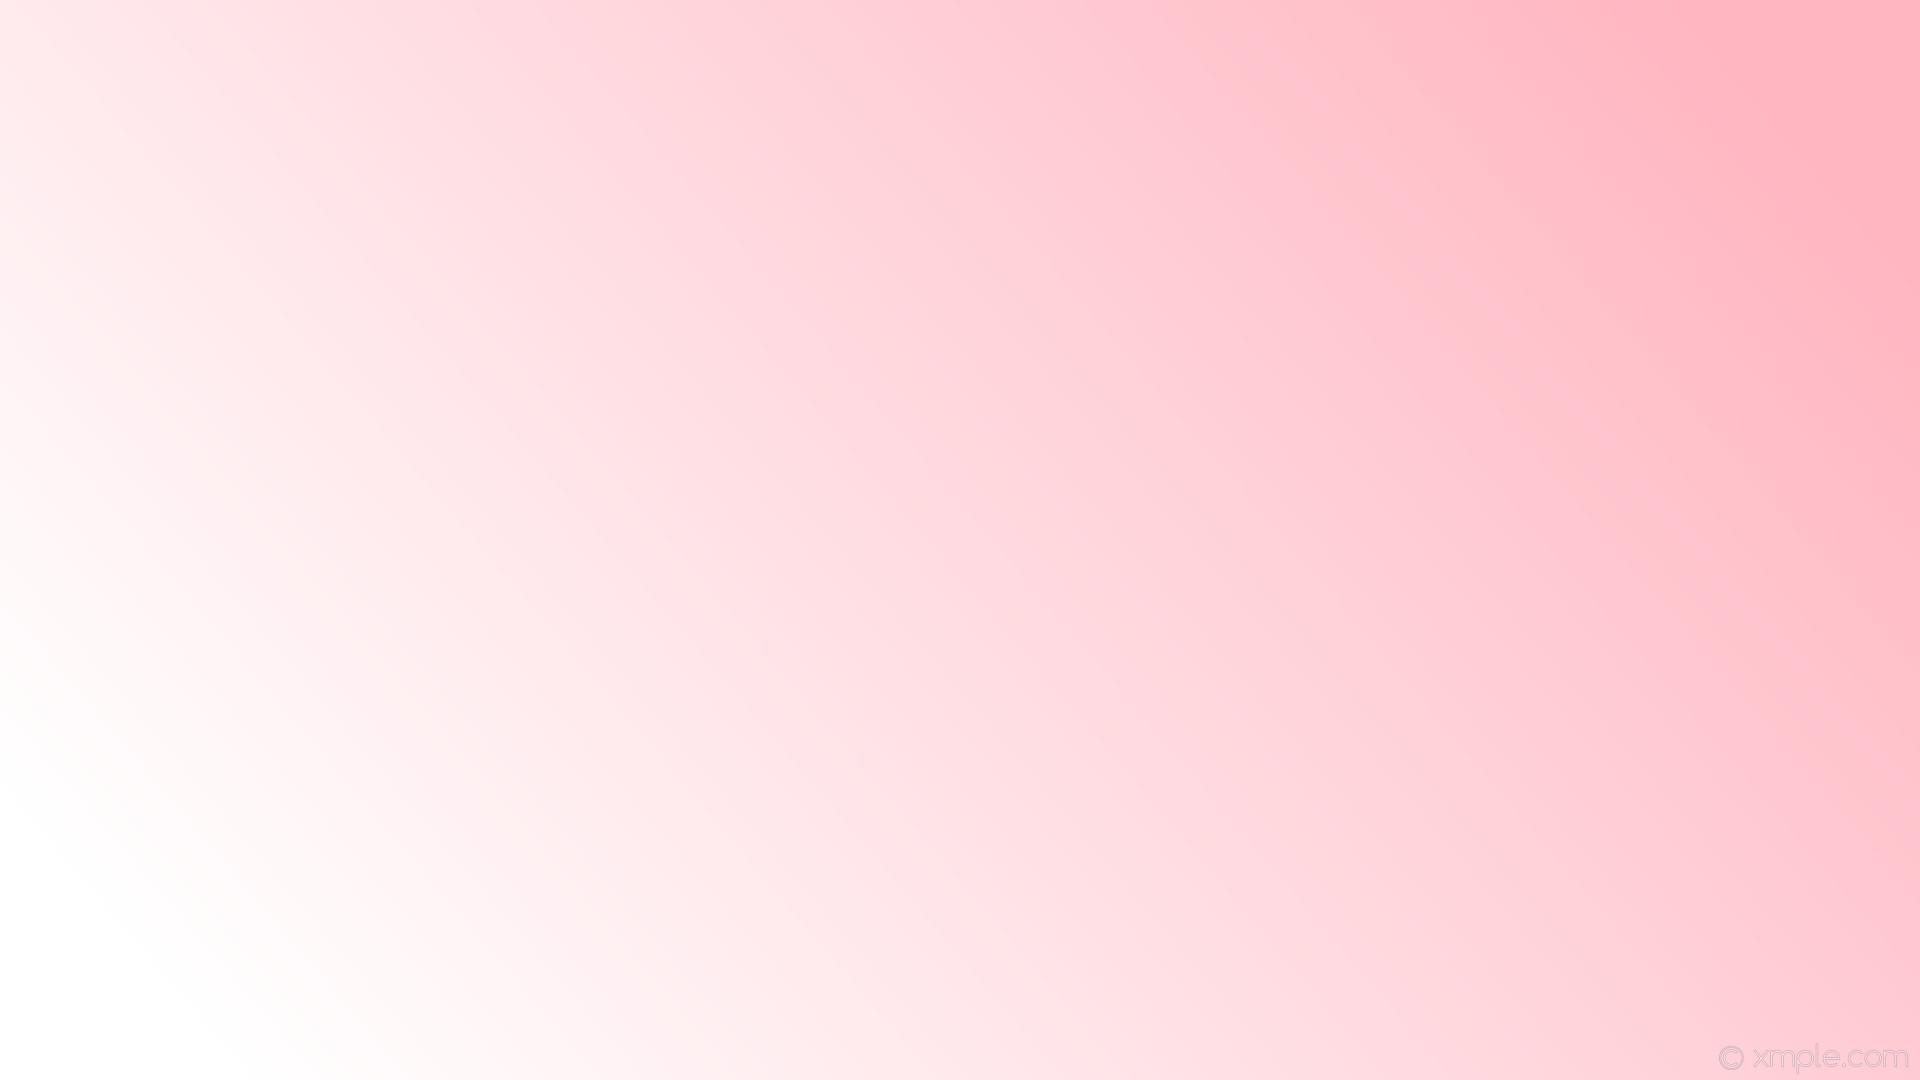 Light Pink Wallpaper (69 Wallpapers)